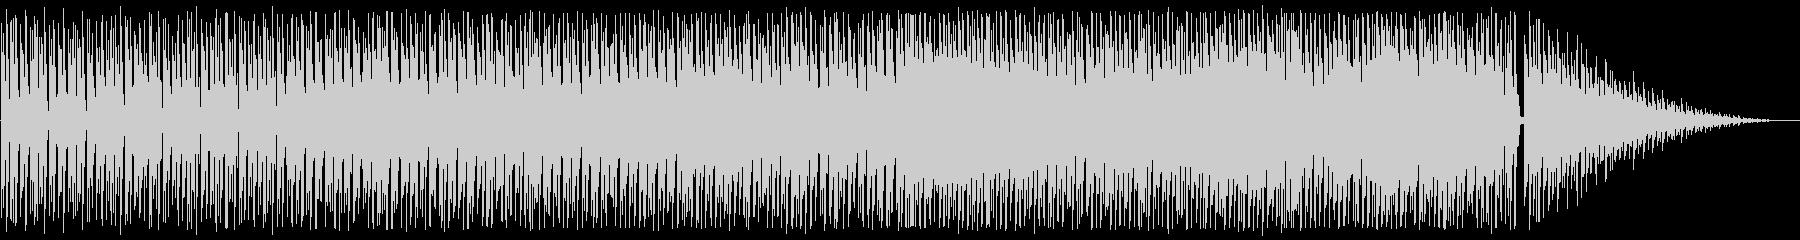 レトロ/エレクトロ_No455_3の未再生の波形